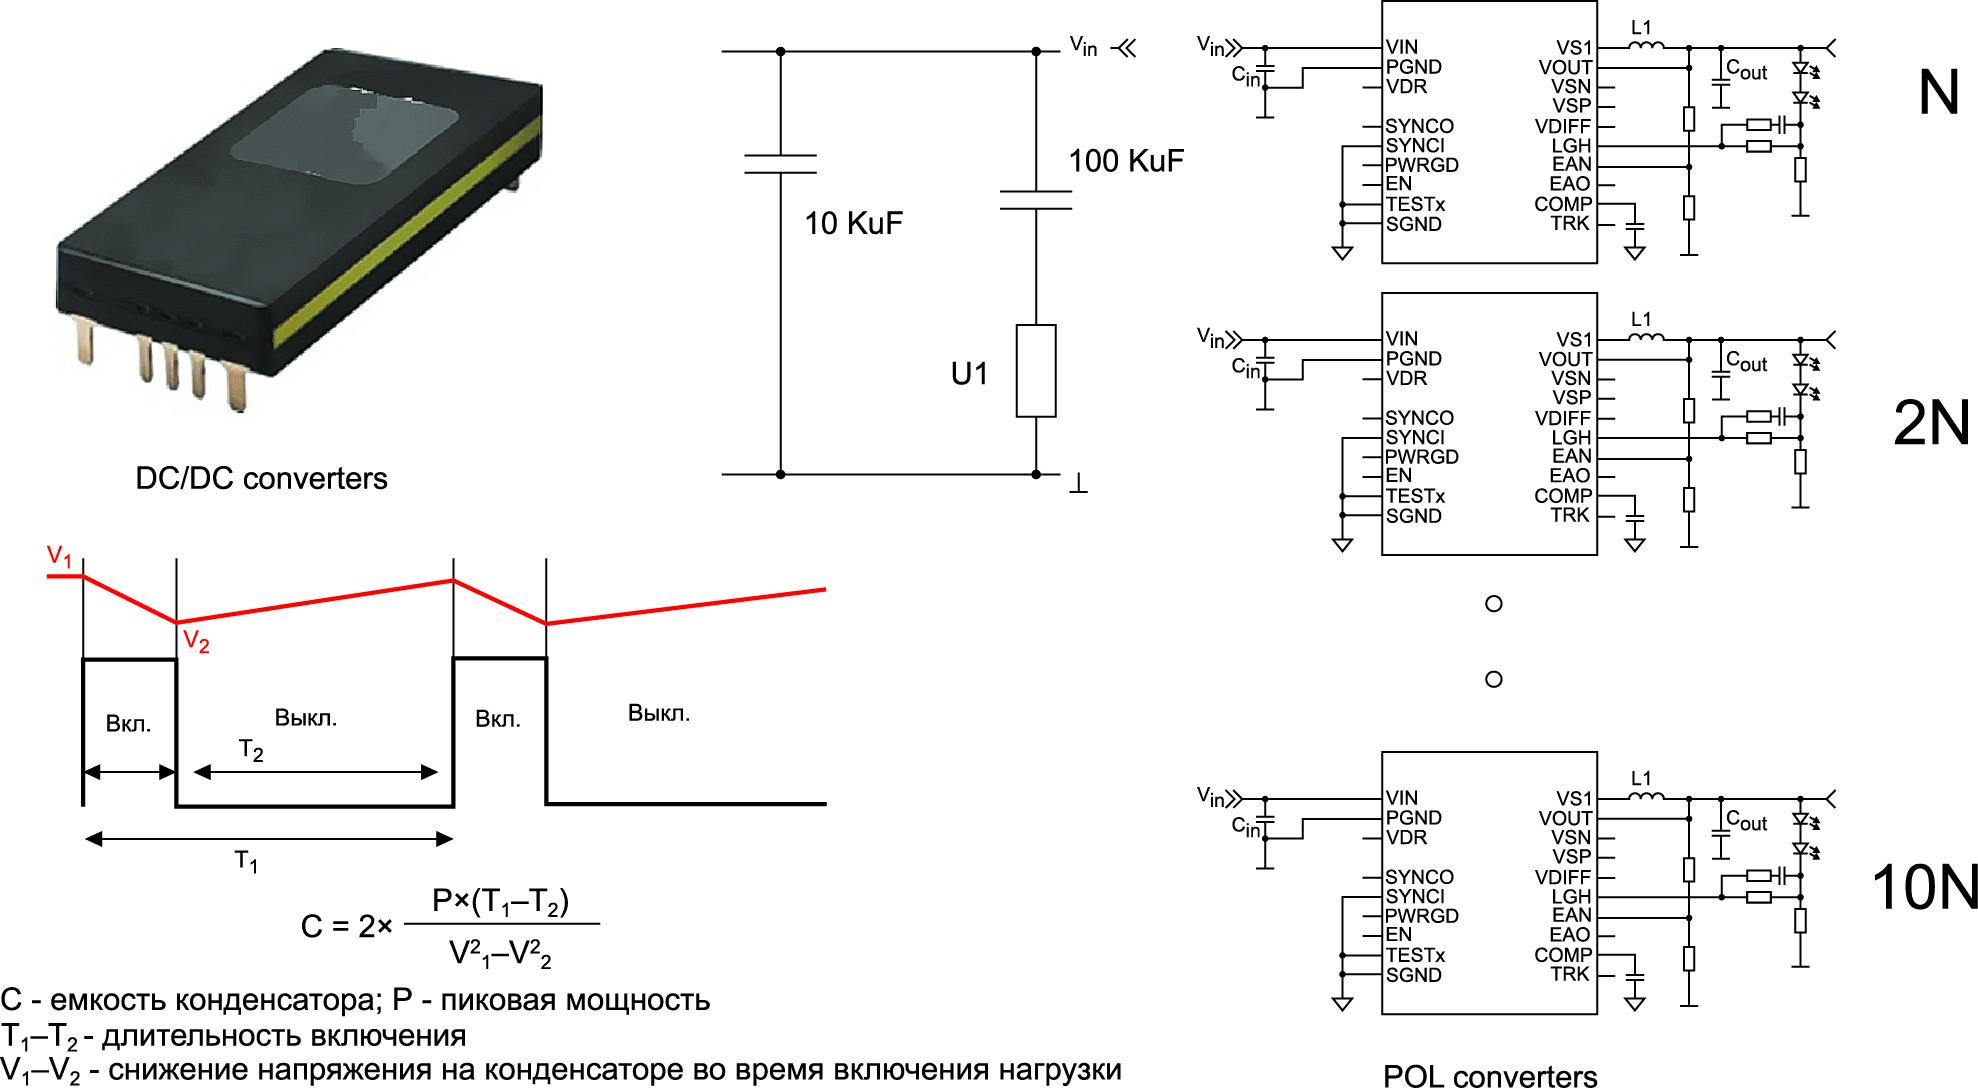 Пример конфигурации с усреднением мощности нагрузки